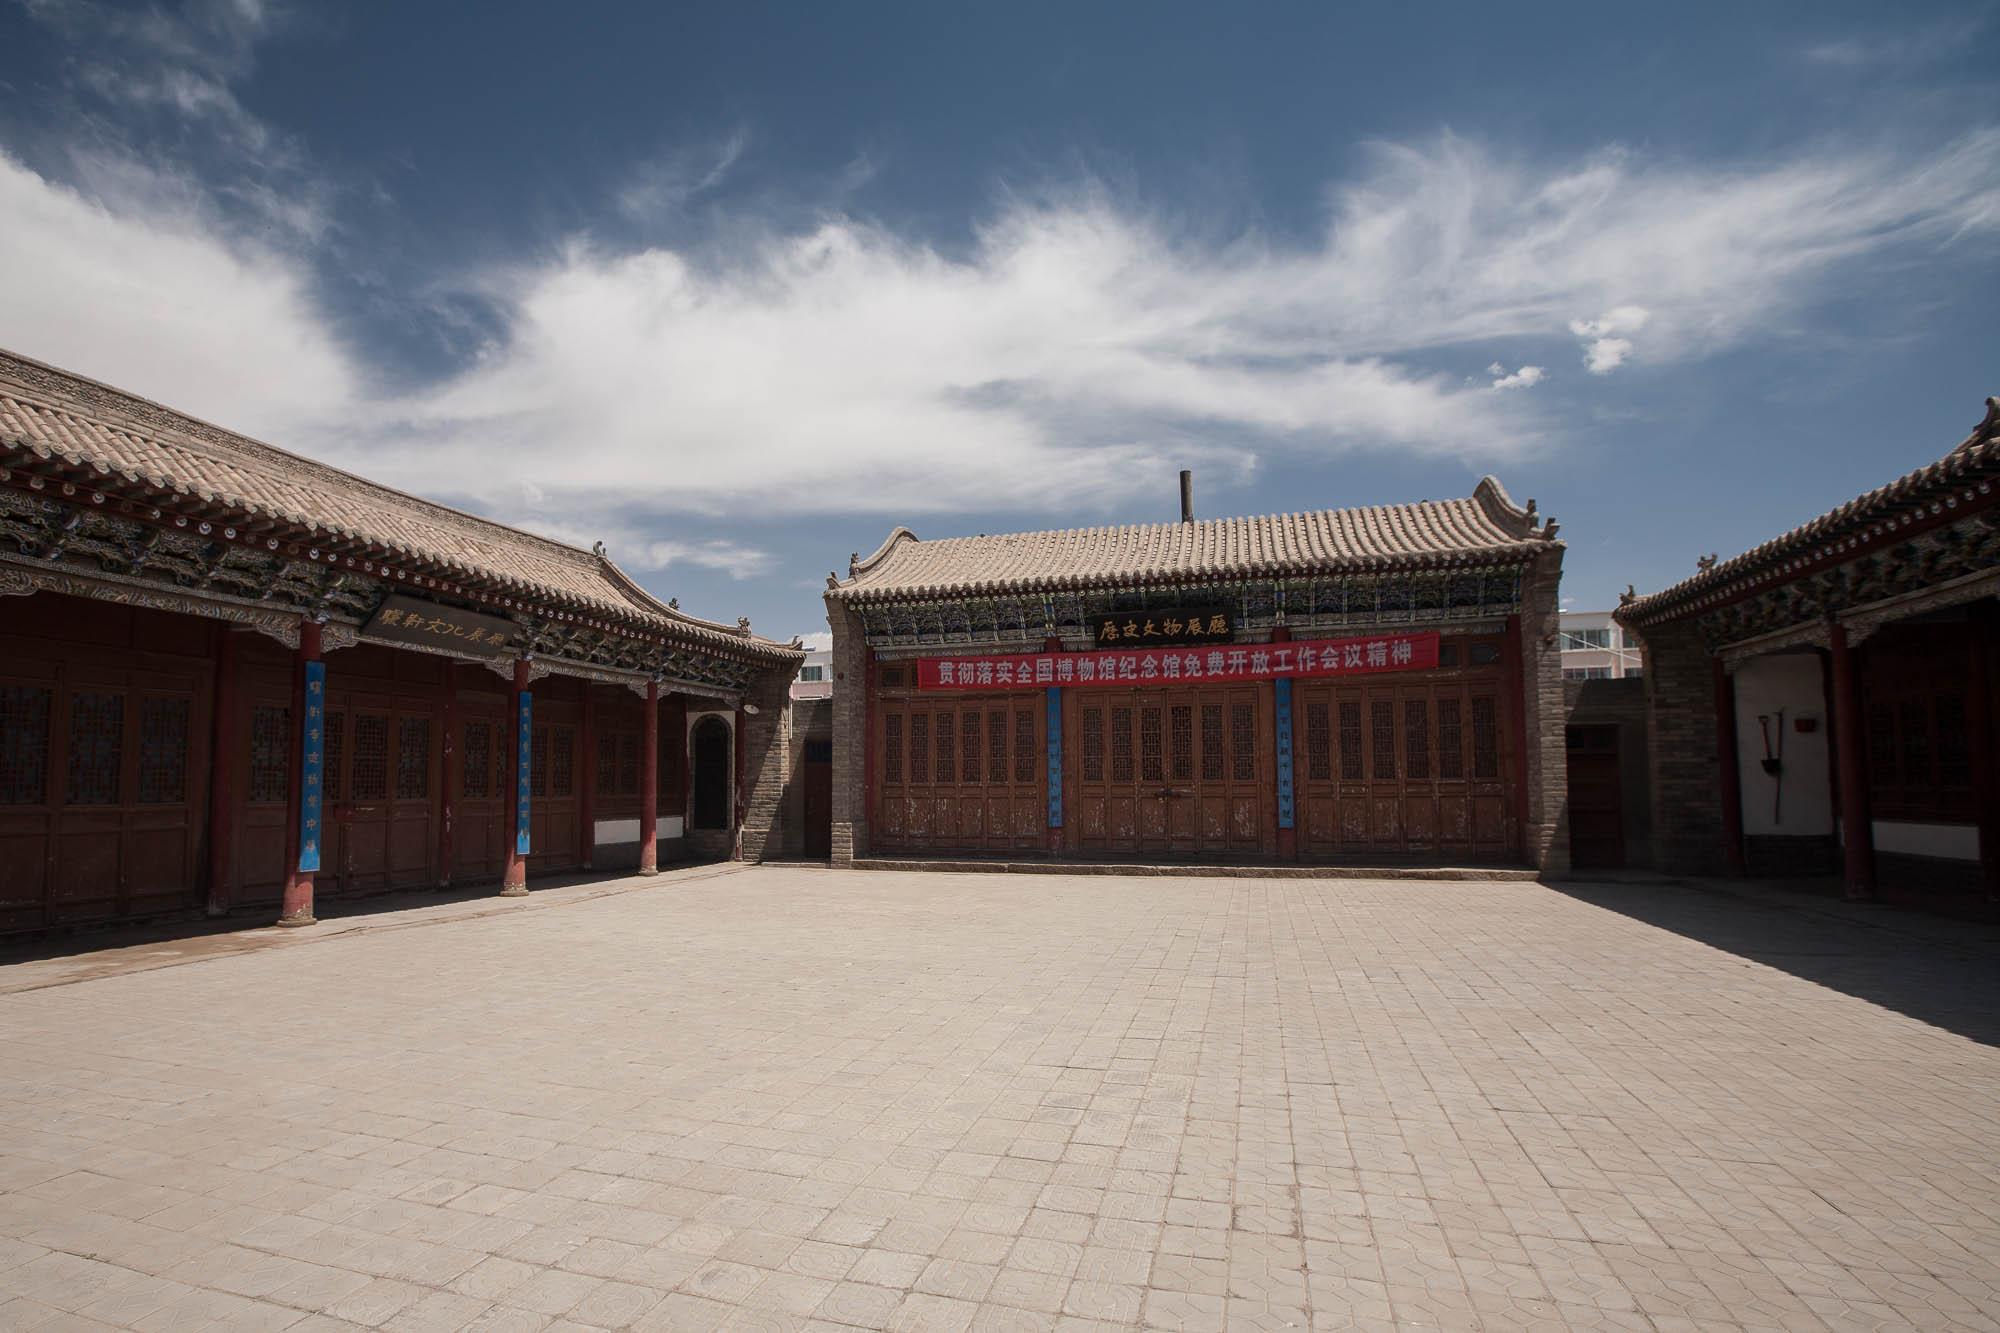 Donghui Palace